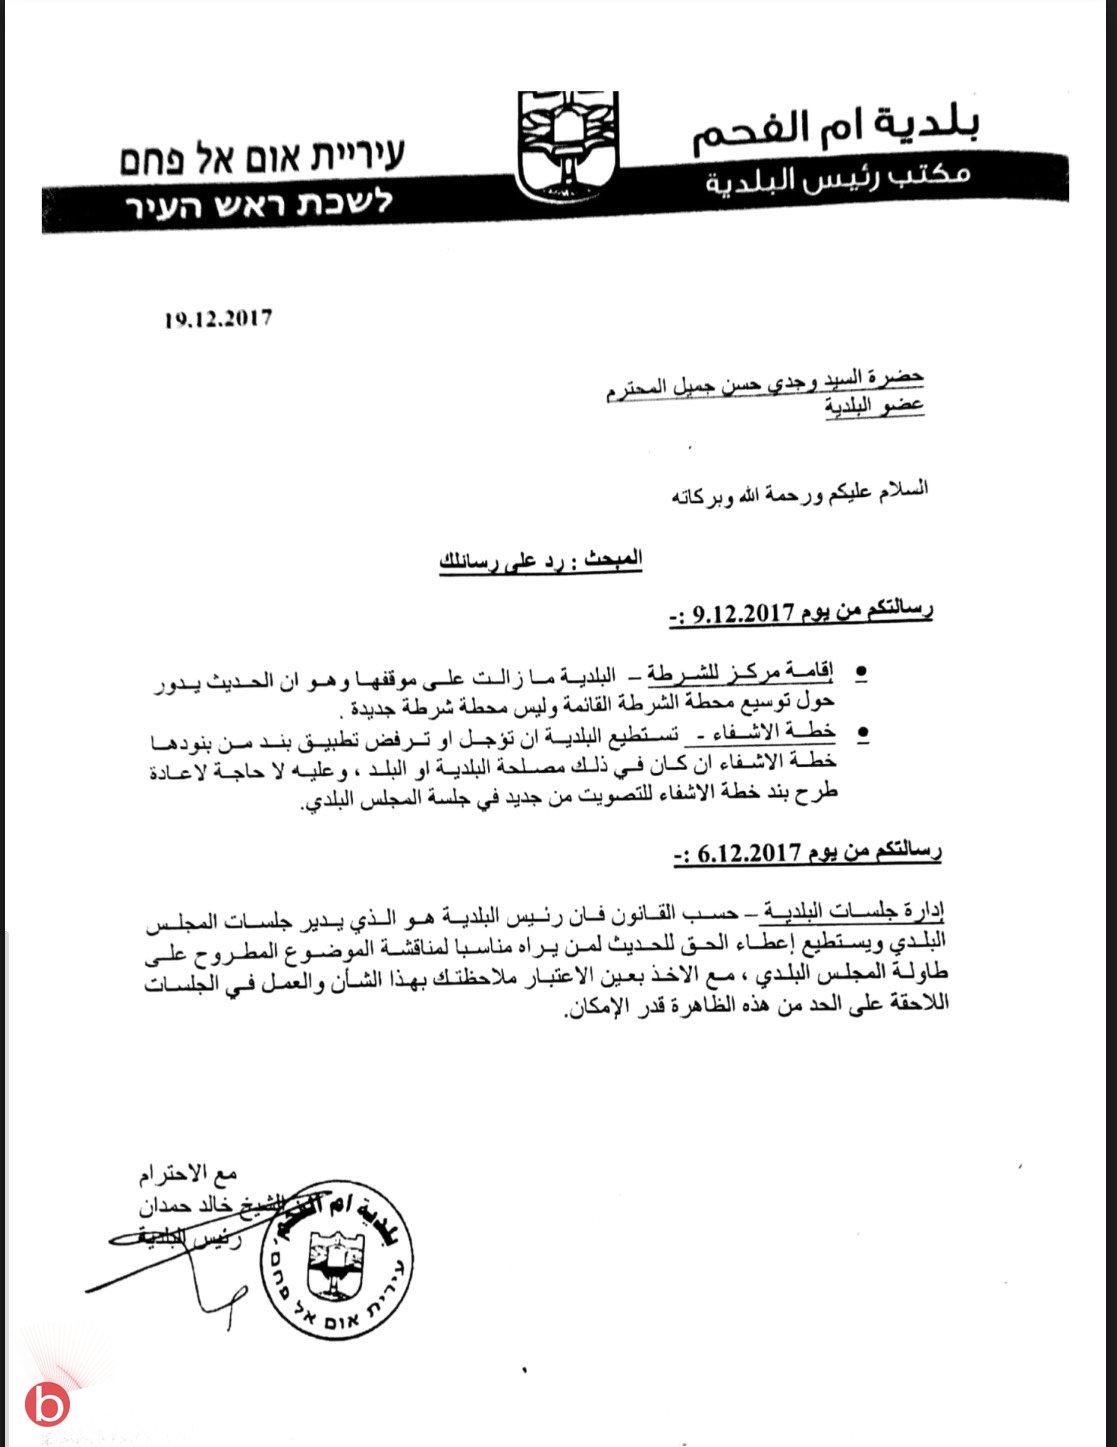 أم الفحم: وزارة المالية تنشر مناقصة لاستئجار بناية لمركز الشرطة، ولكن، بشروط